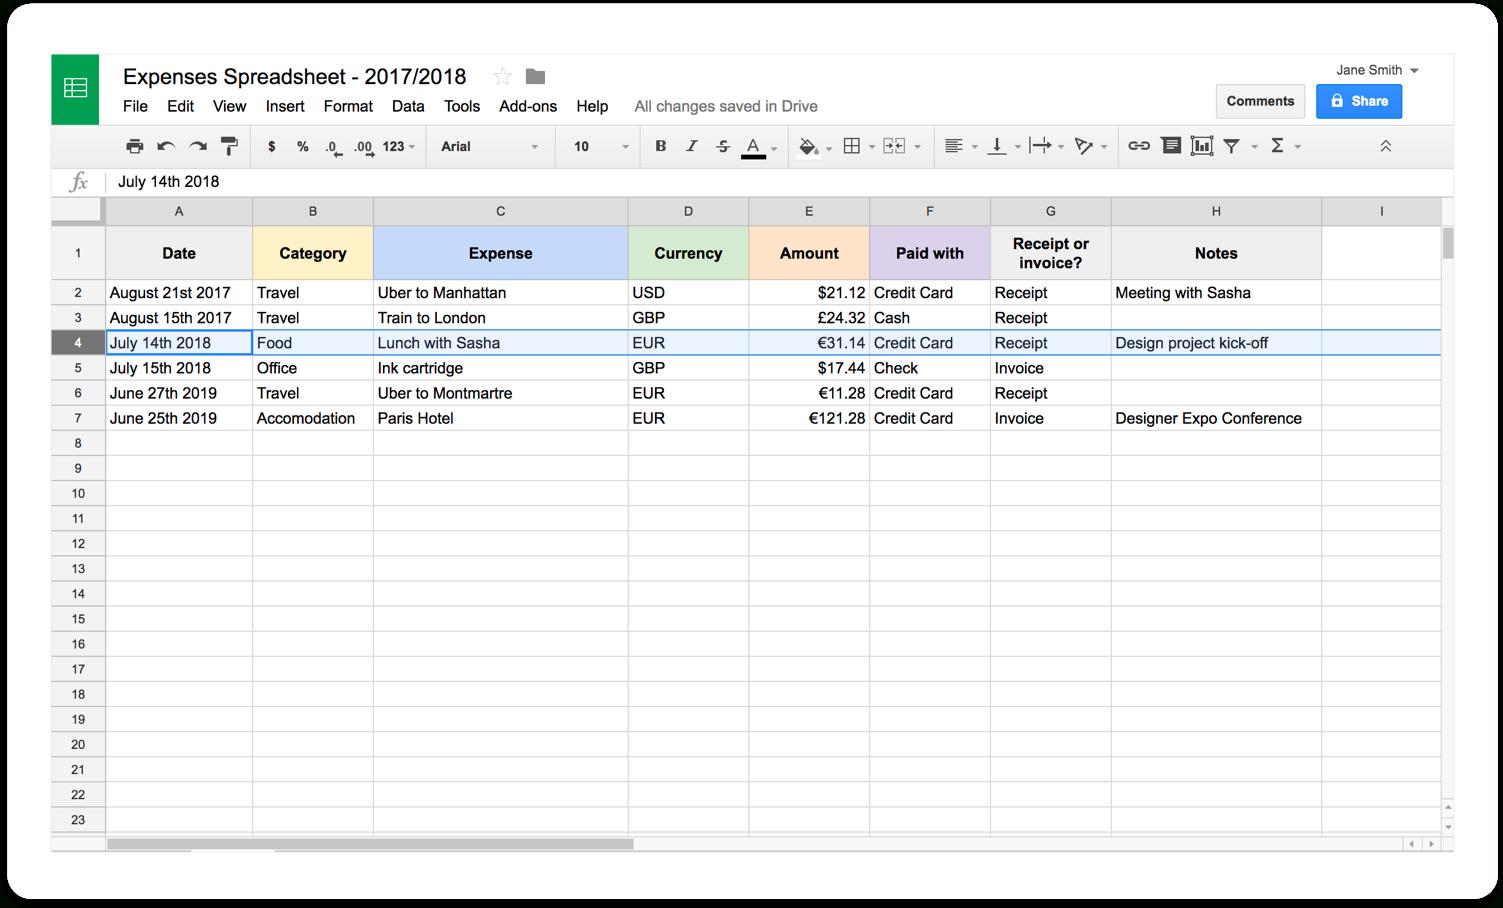 Spreadsheet Designers With Regard To Selfemployed Expenses Spreadsheet